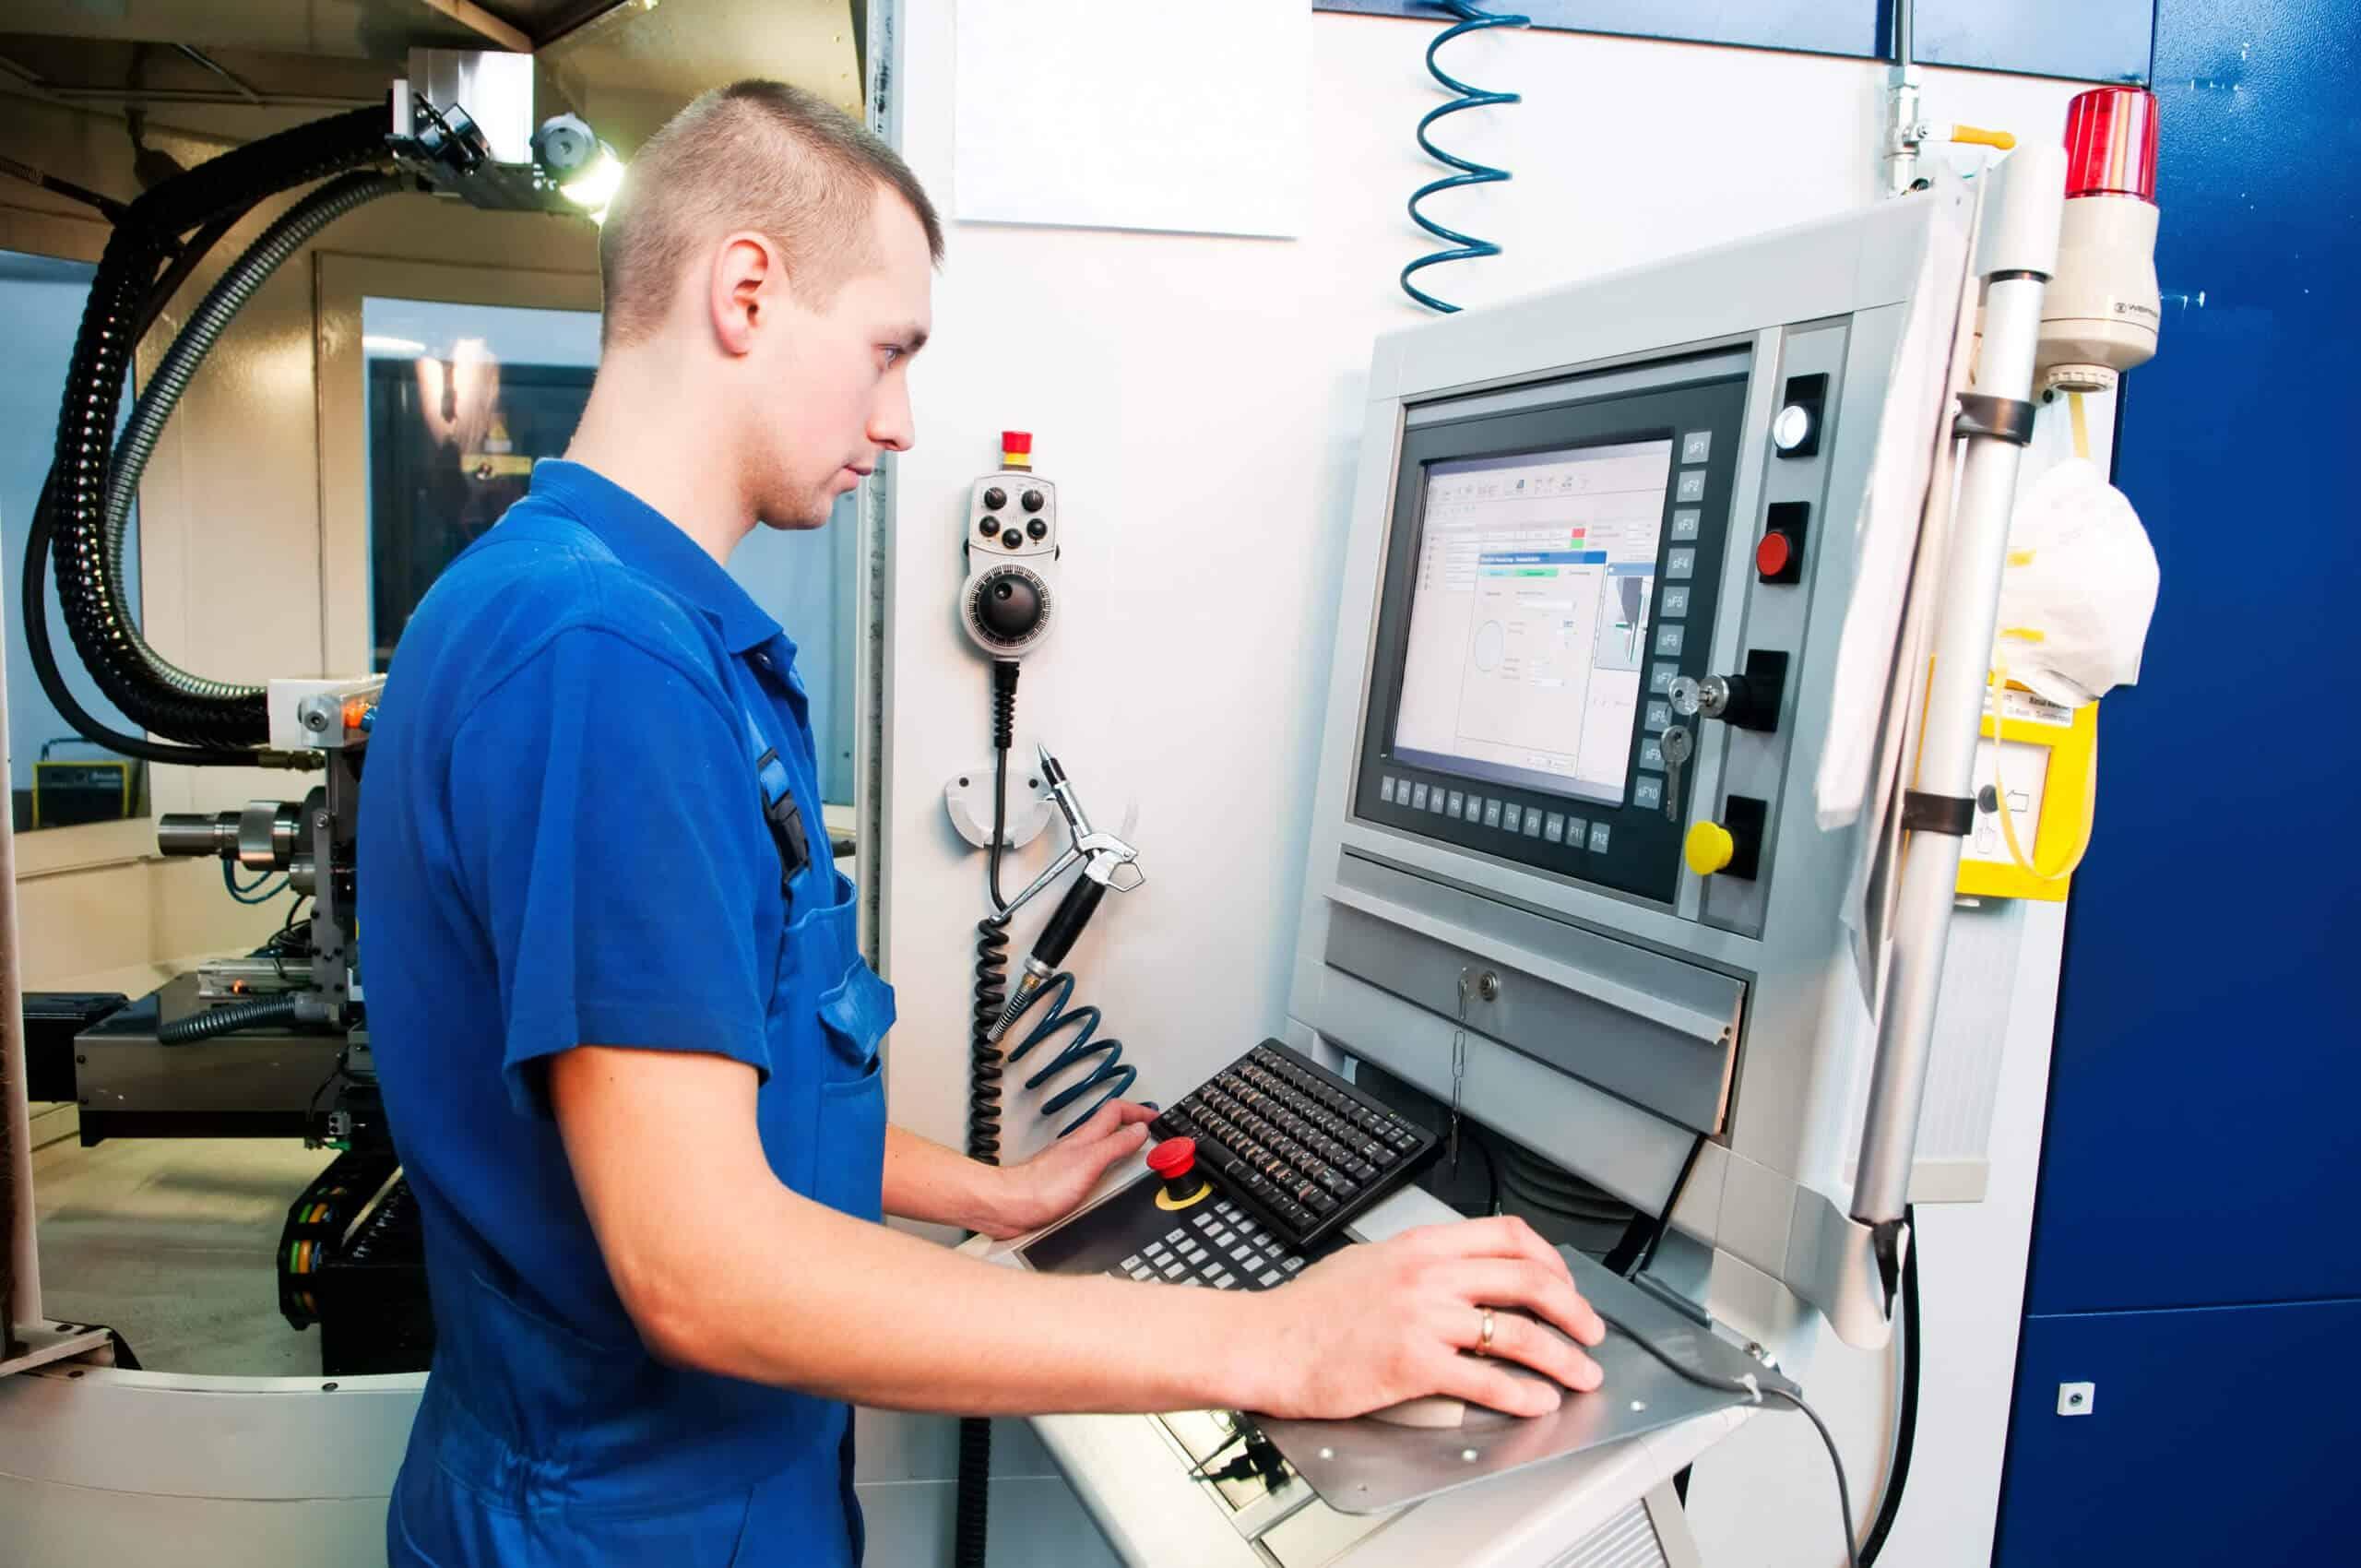 SMC INDUSTRIE Usinage de pièces mécaniques industrielles LABOURSE FRANCE